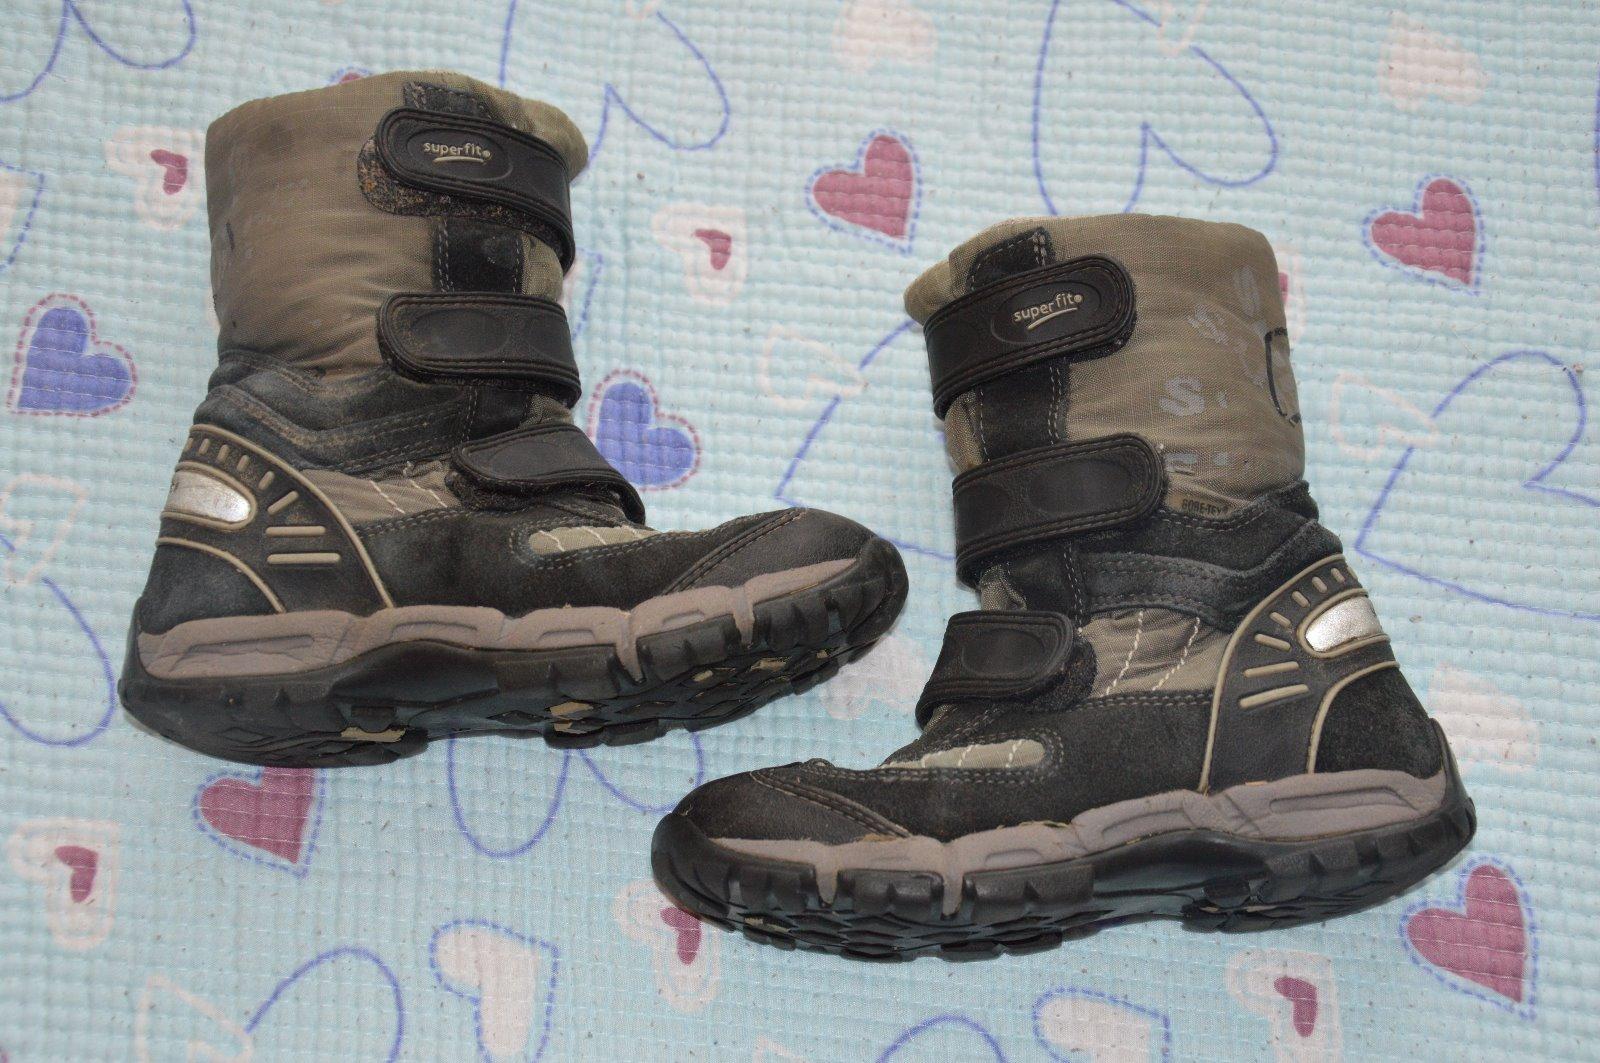 Zobraz celé podmínky. Vysoké zimní boty goretex gore tex superfit ... 34e6f55e12